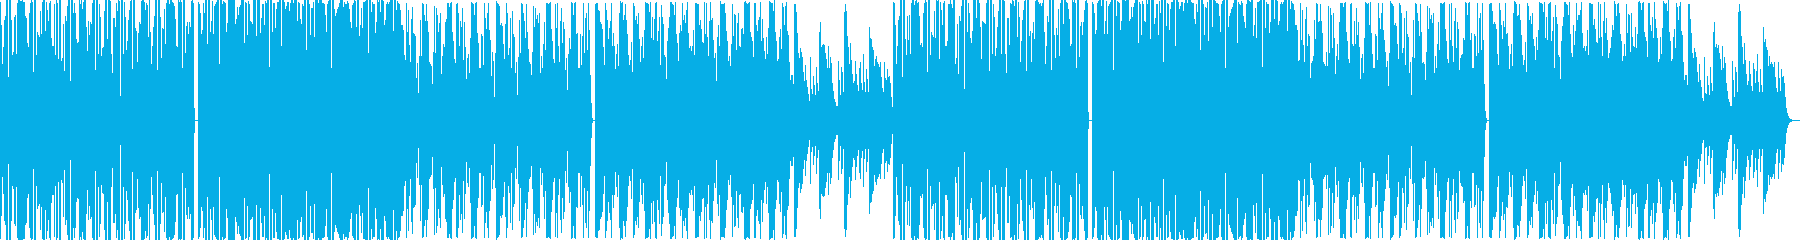 クール・スタイリッシュなBGM・5の再生済みの波形